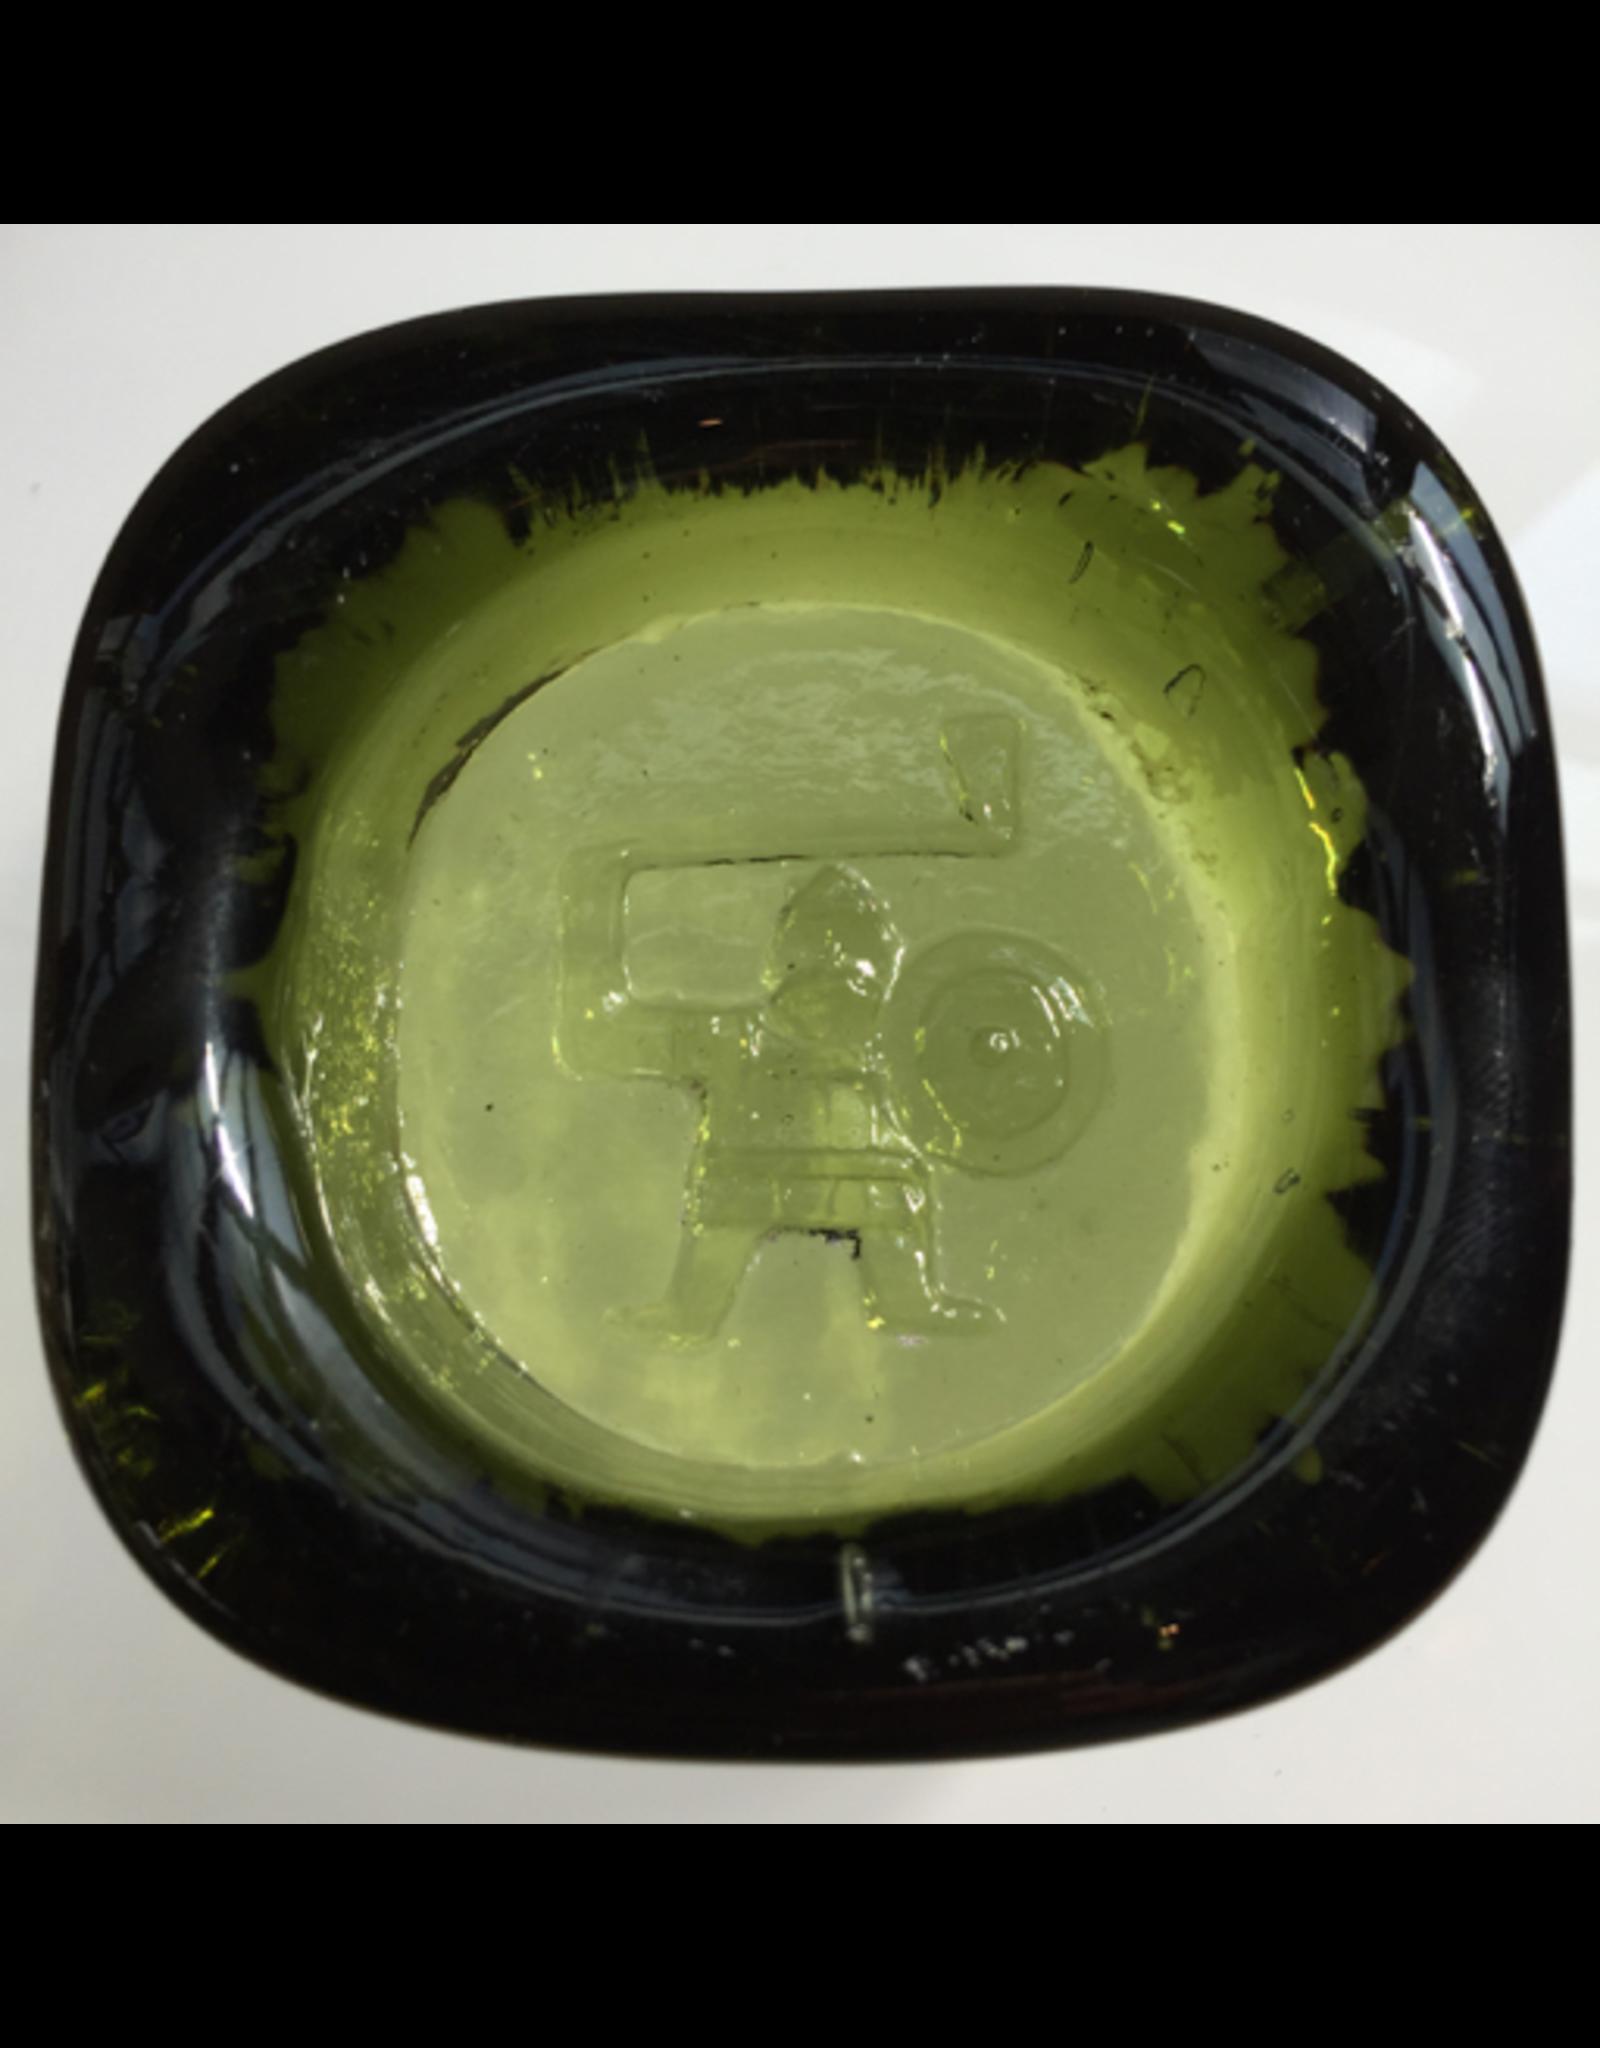 GREEN GLASS 维京图标绿色玻璃